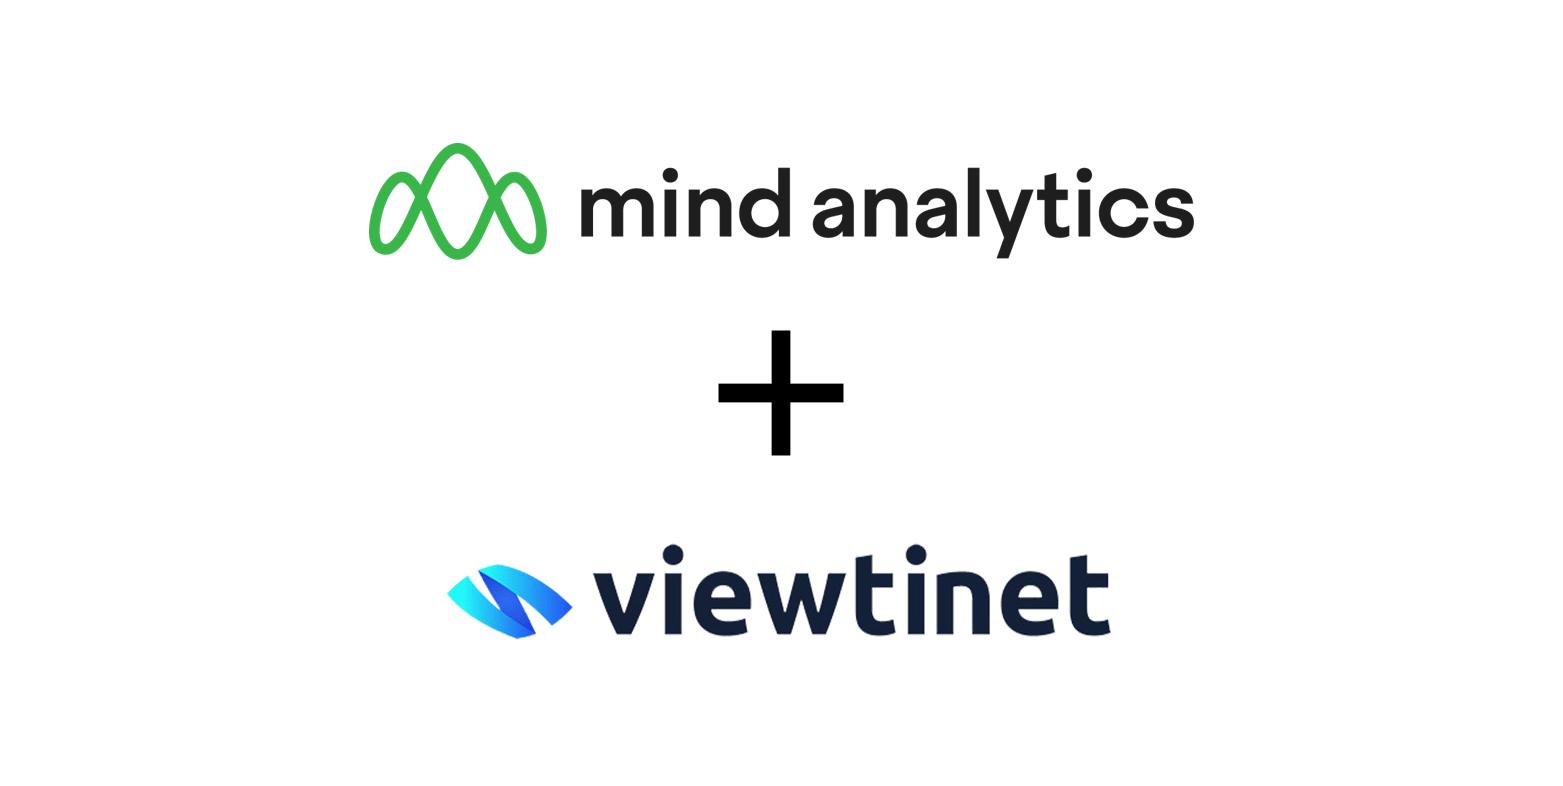 Mind Analytics y Viewtinet llevan la Inteligencia Artificial a las redes